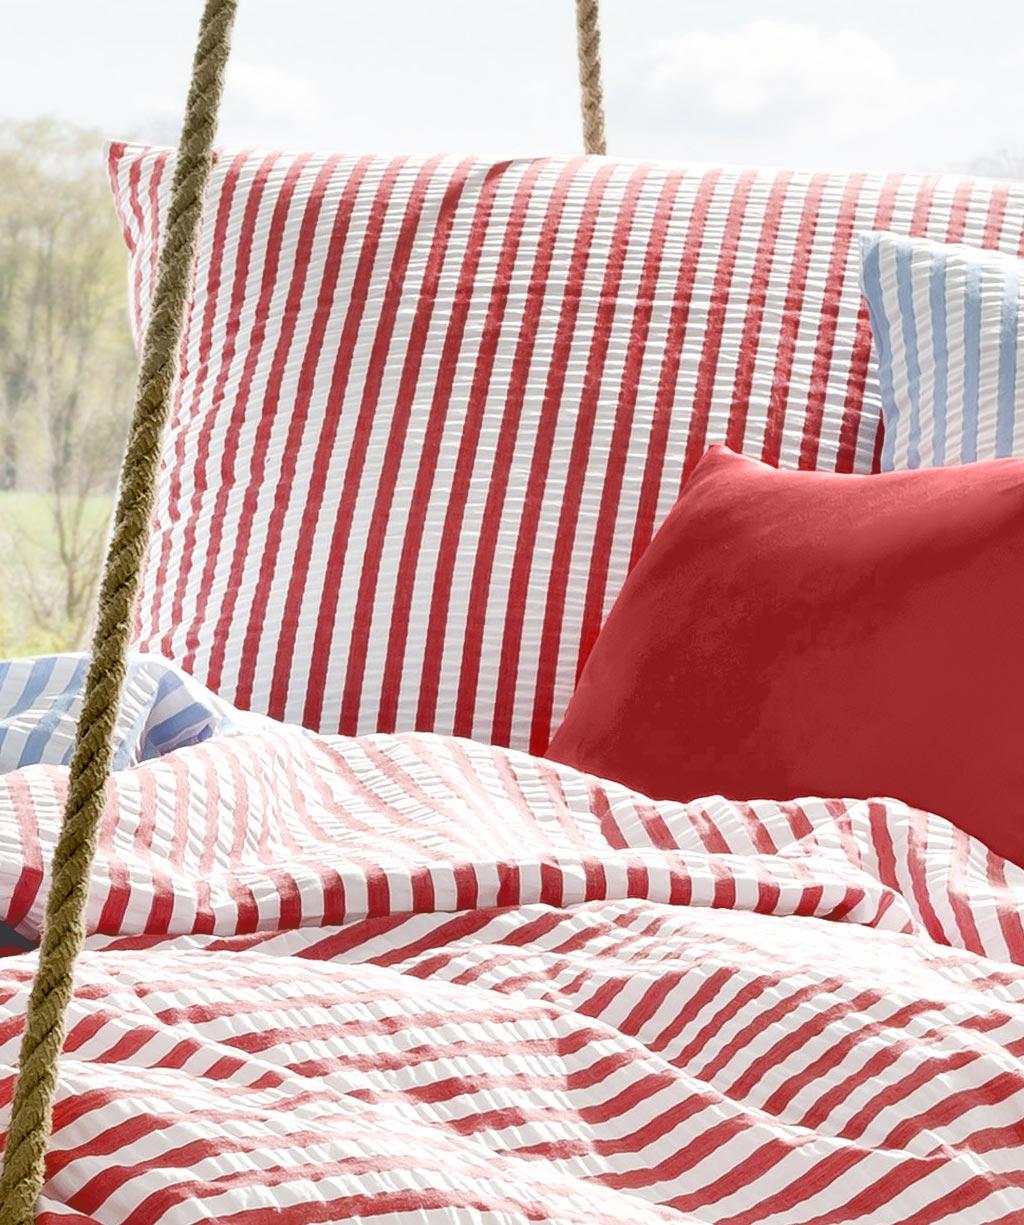 Rot Weiß Gestreifte Seersucker Bettwäsche Bügelfrei 135x200 Von